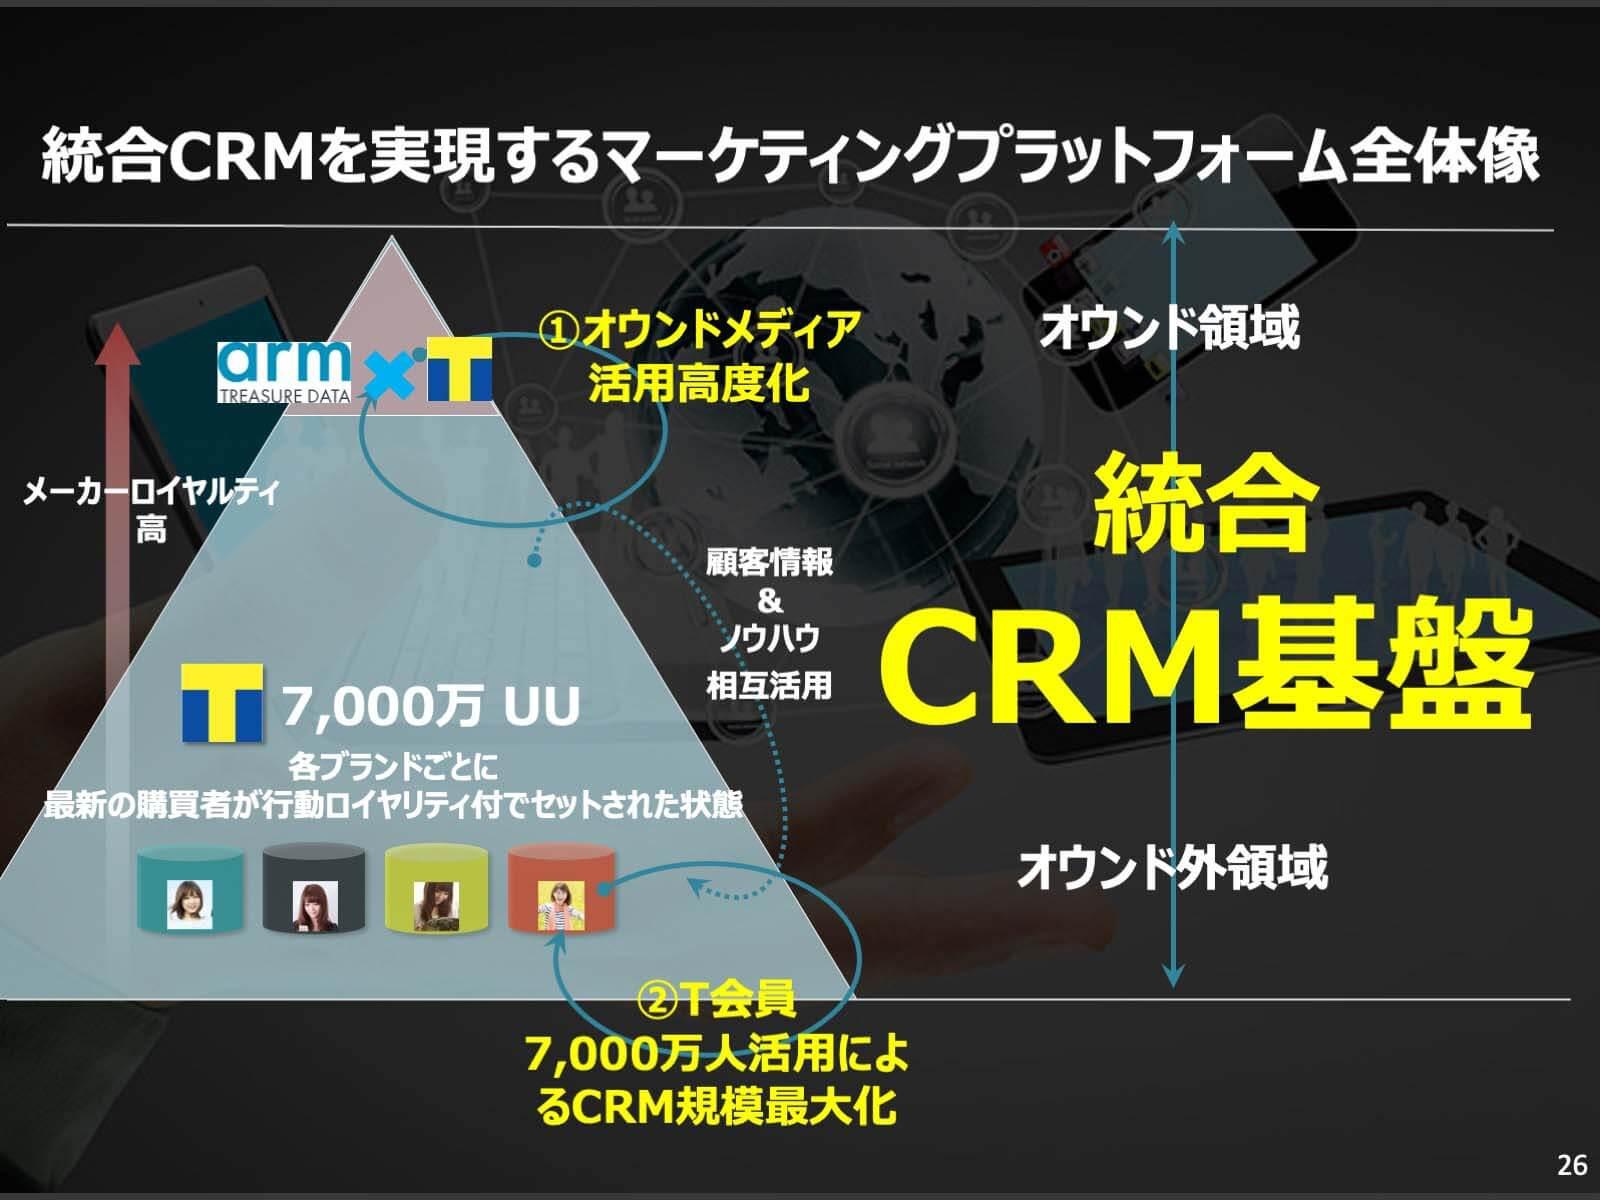 統合CRMを実現するマーケティングプラットフォーム全体像